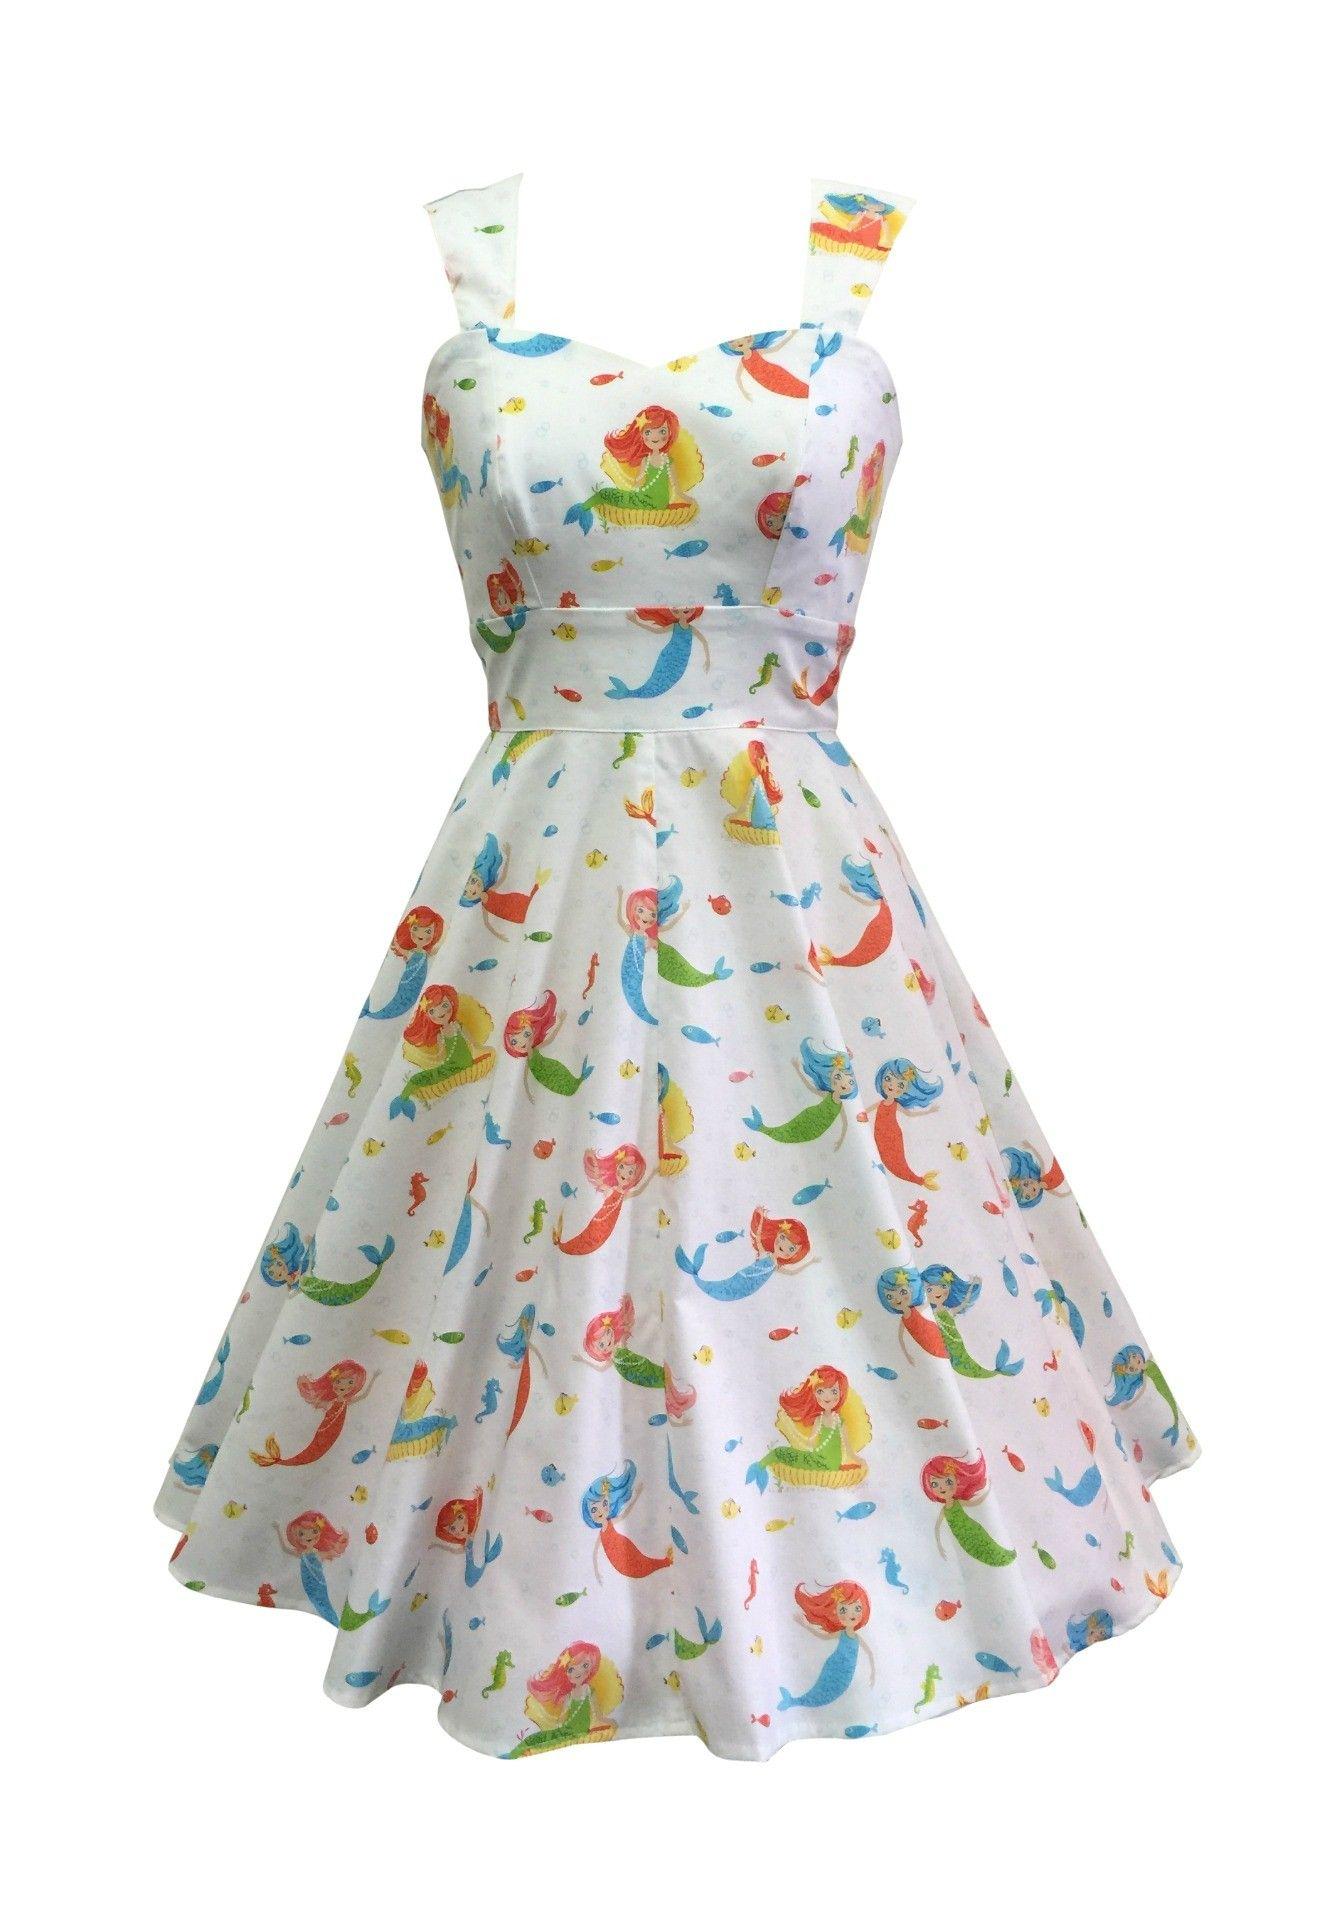 a0840d363de5 Mermaid print | swing dress | 50s style dressses | Fashionworks in ...